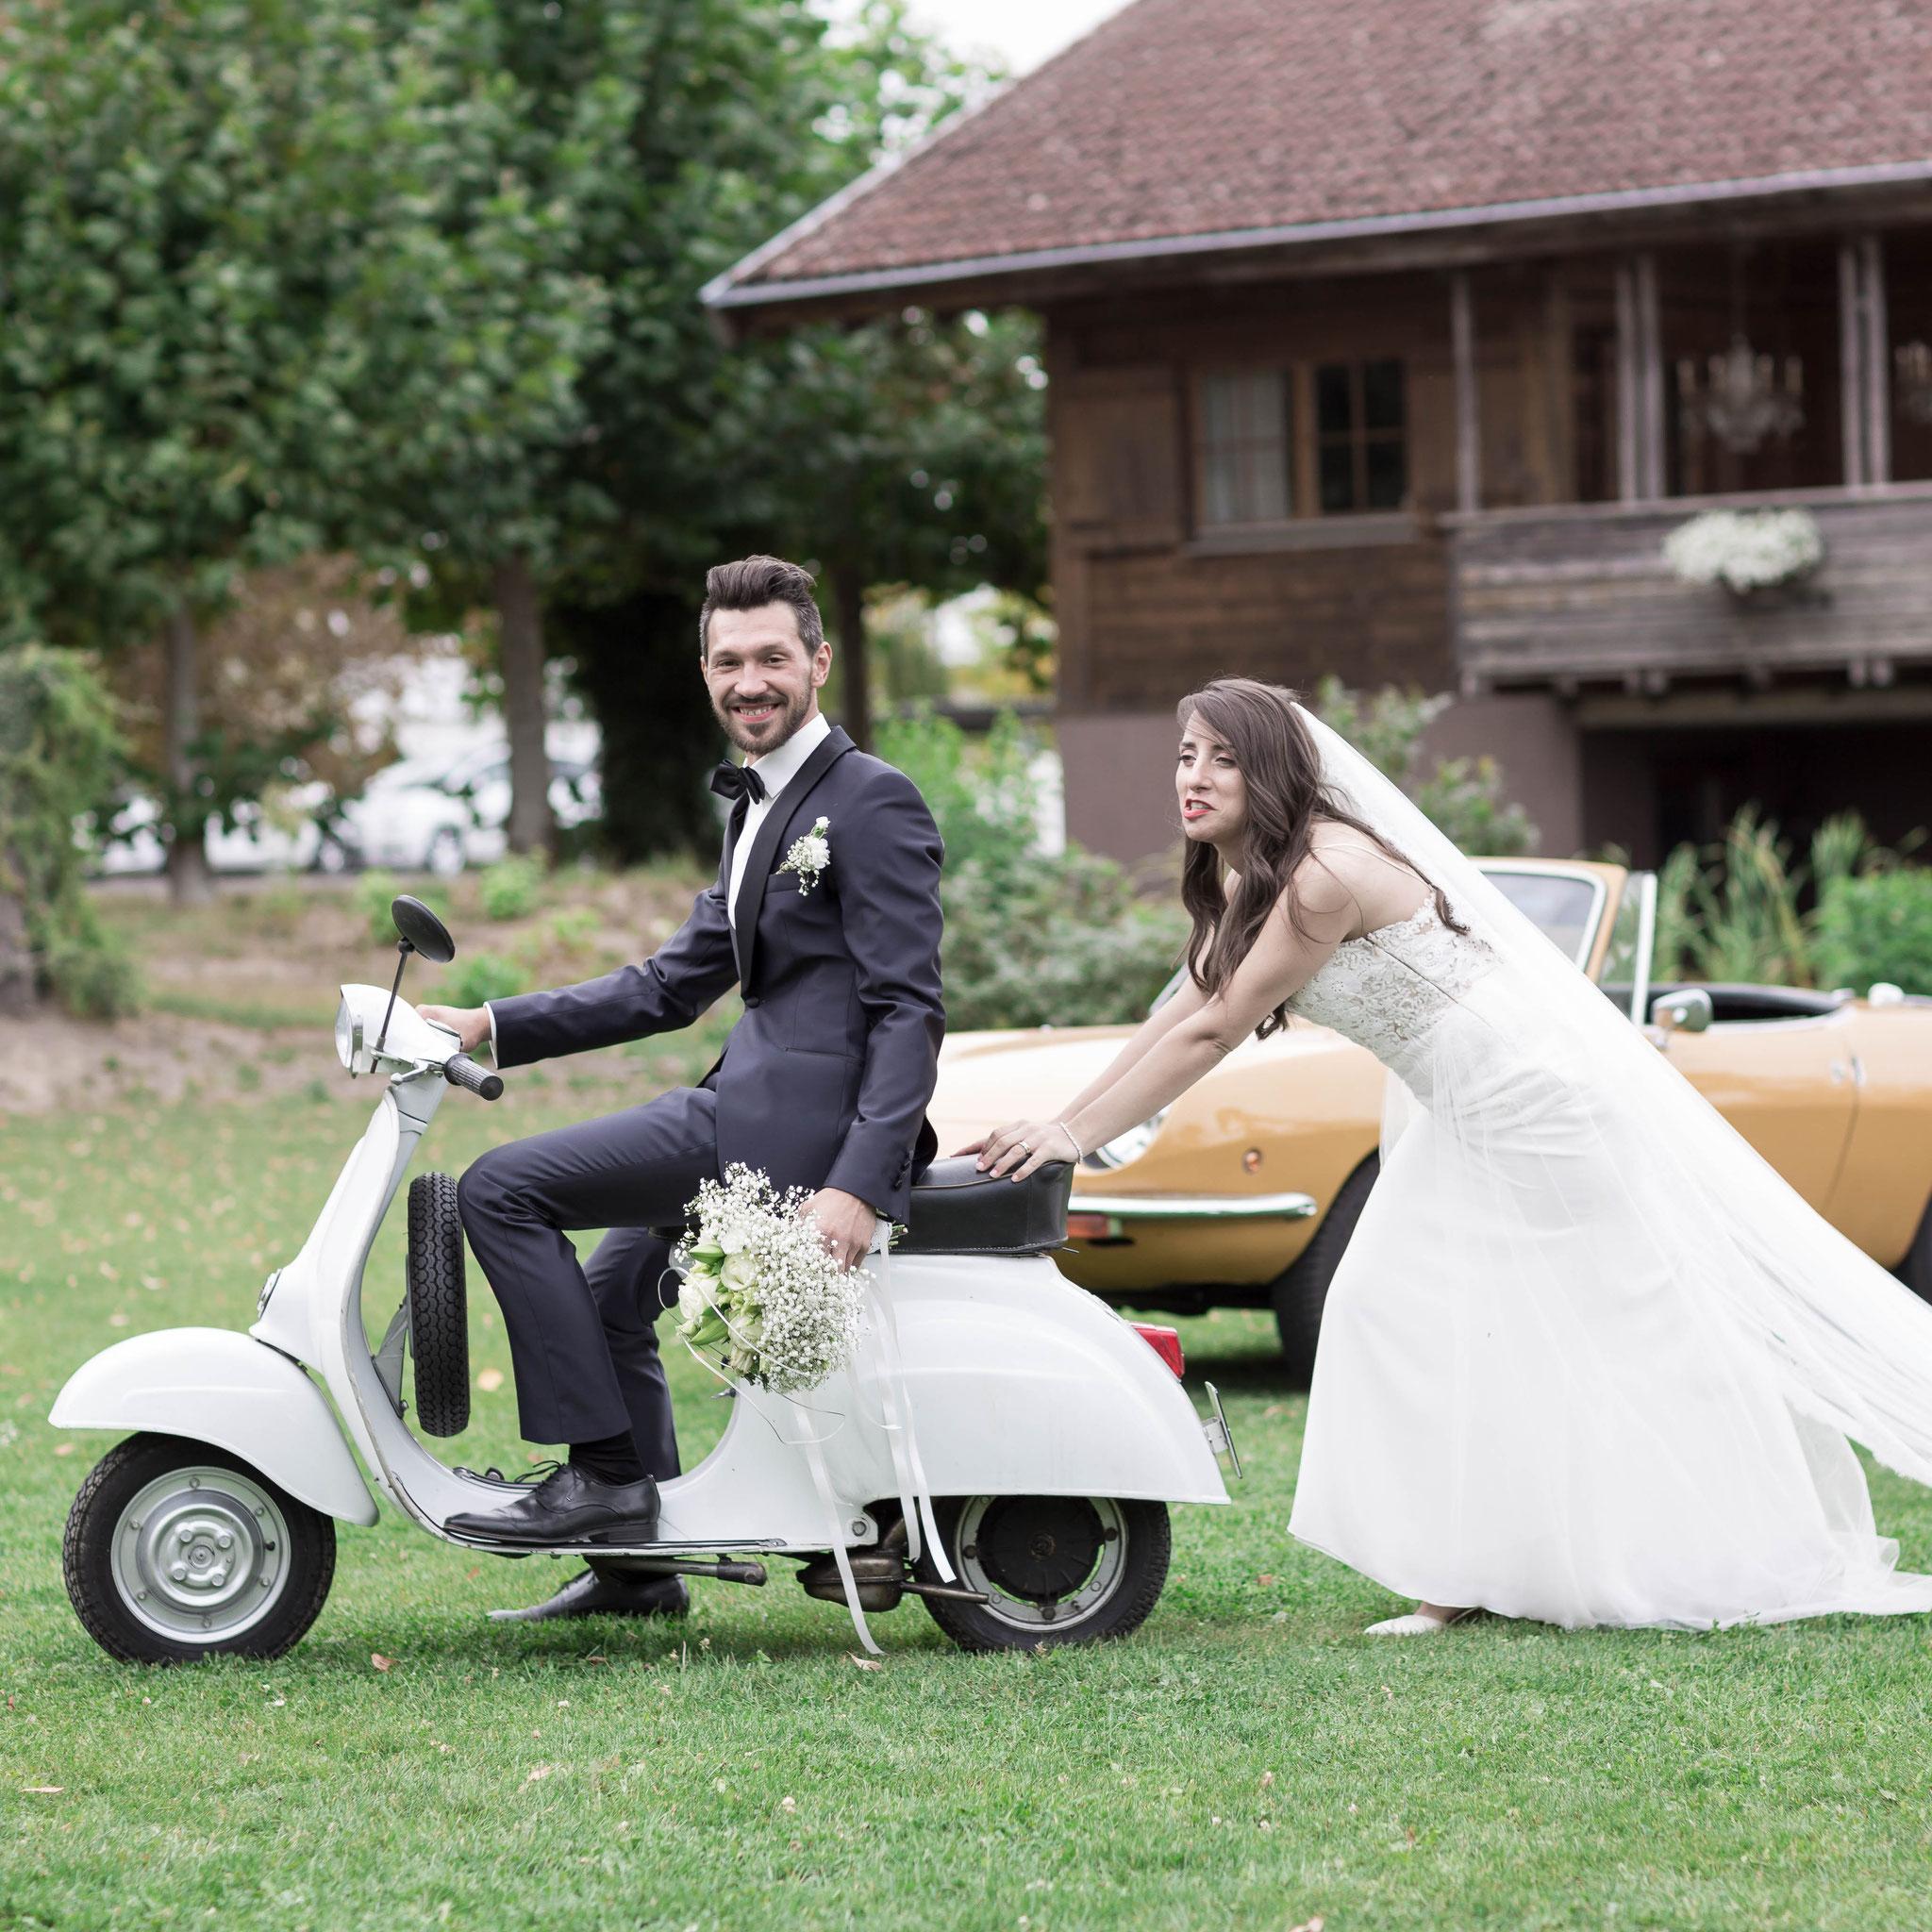 Fotograf für moderne russische Hochzeit in Bensheim